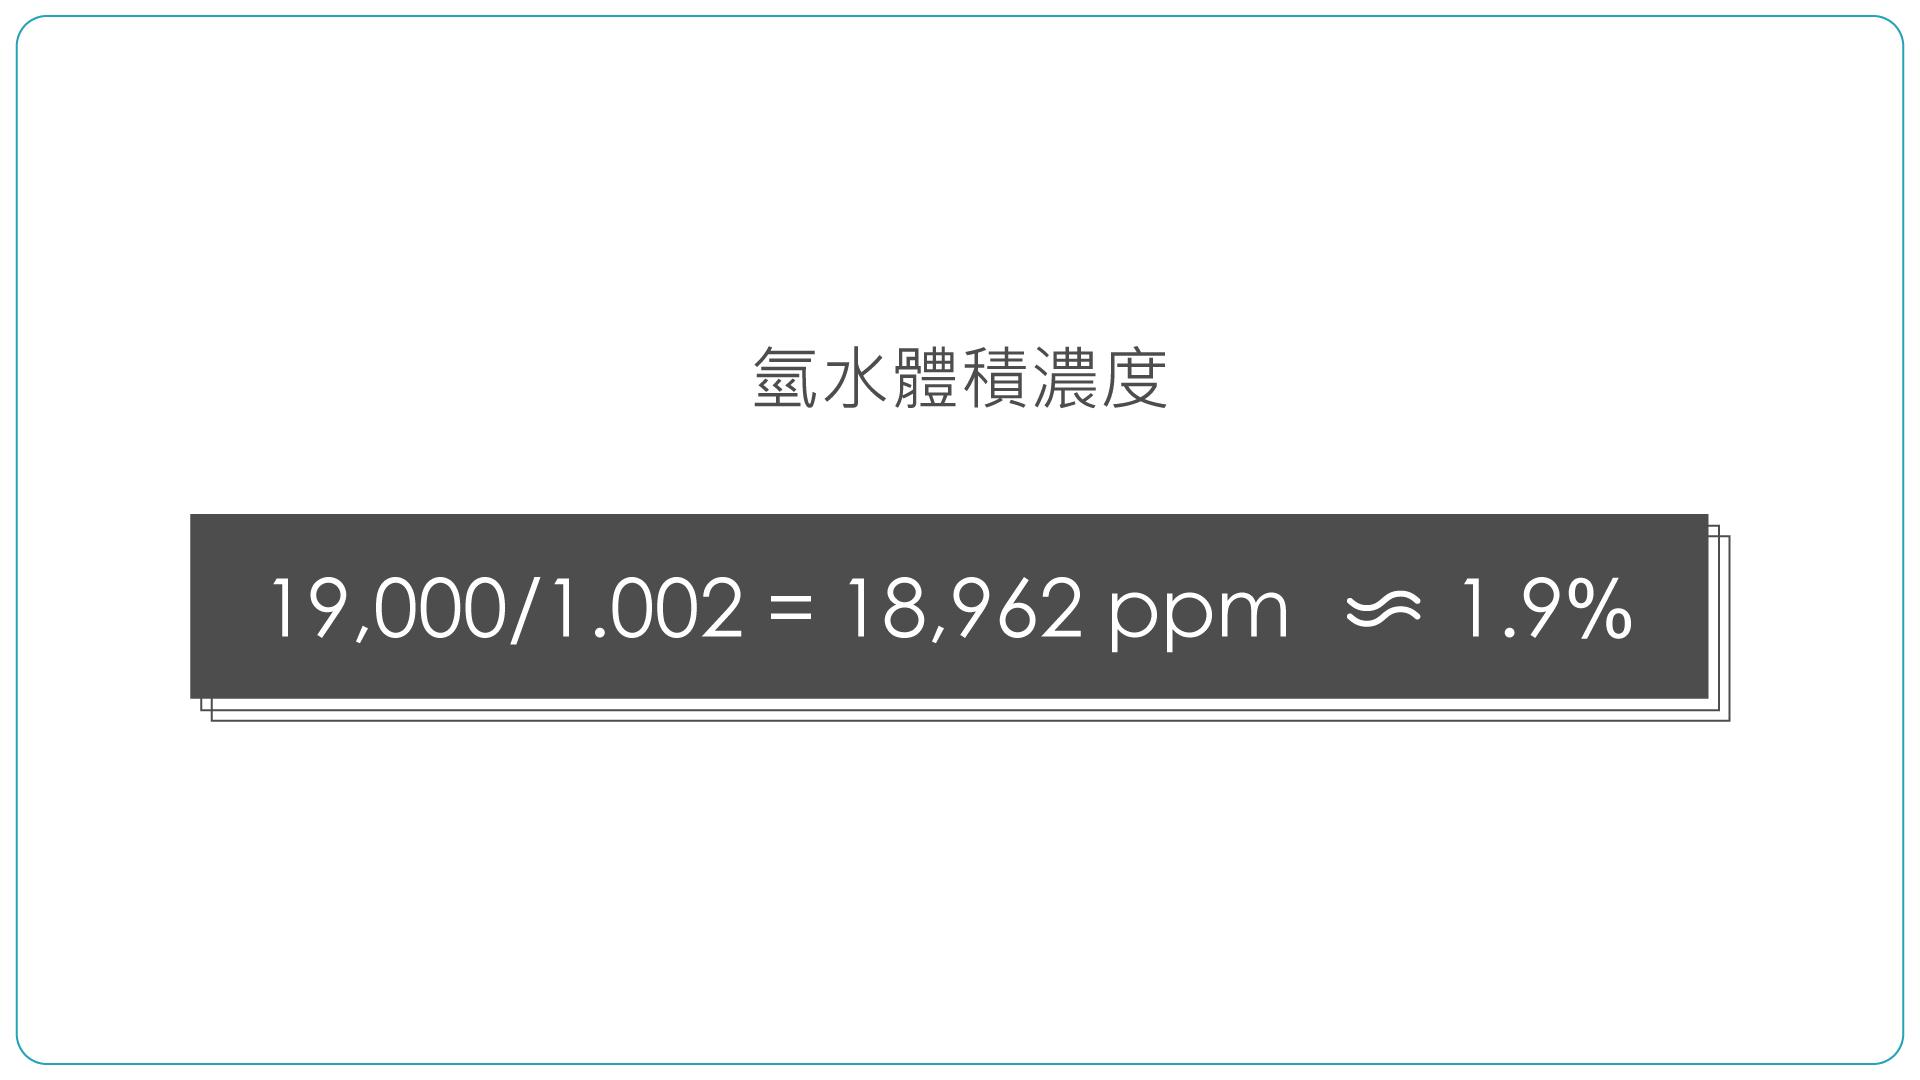 氫氣氫水濃度計算